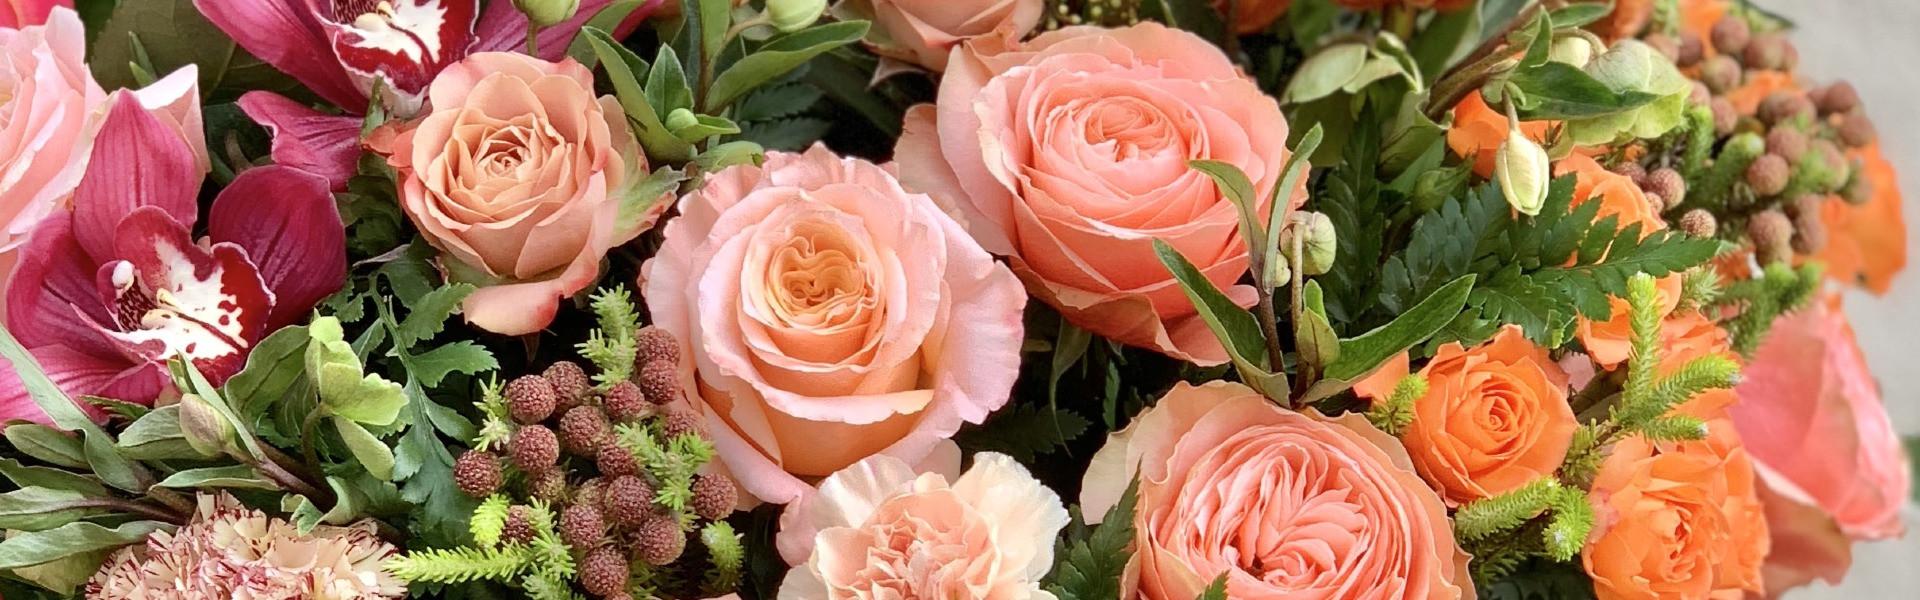 Картинки по запросу Как выбрать сервис доставки цветов